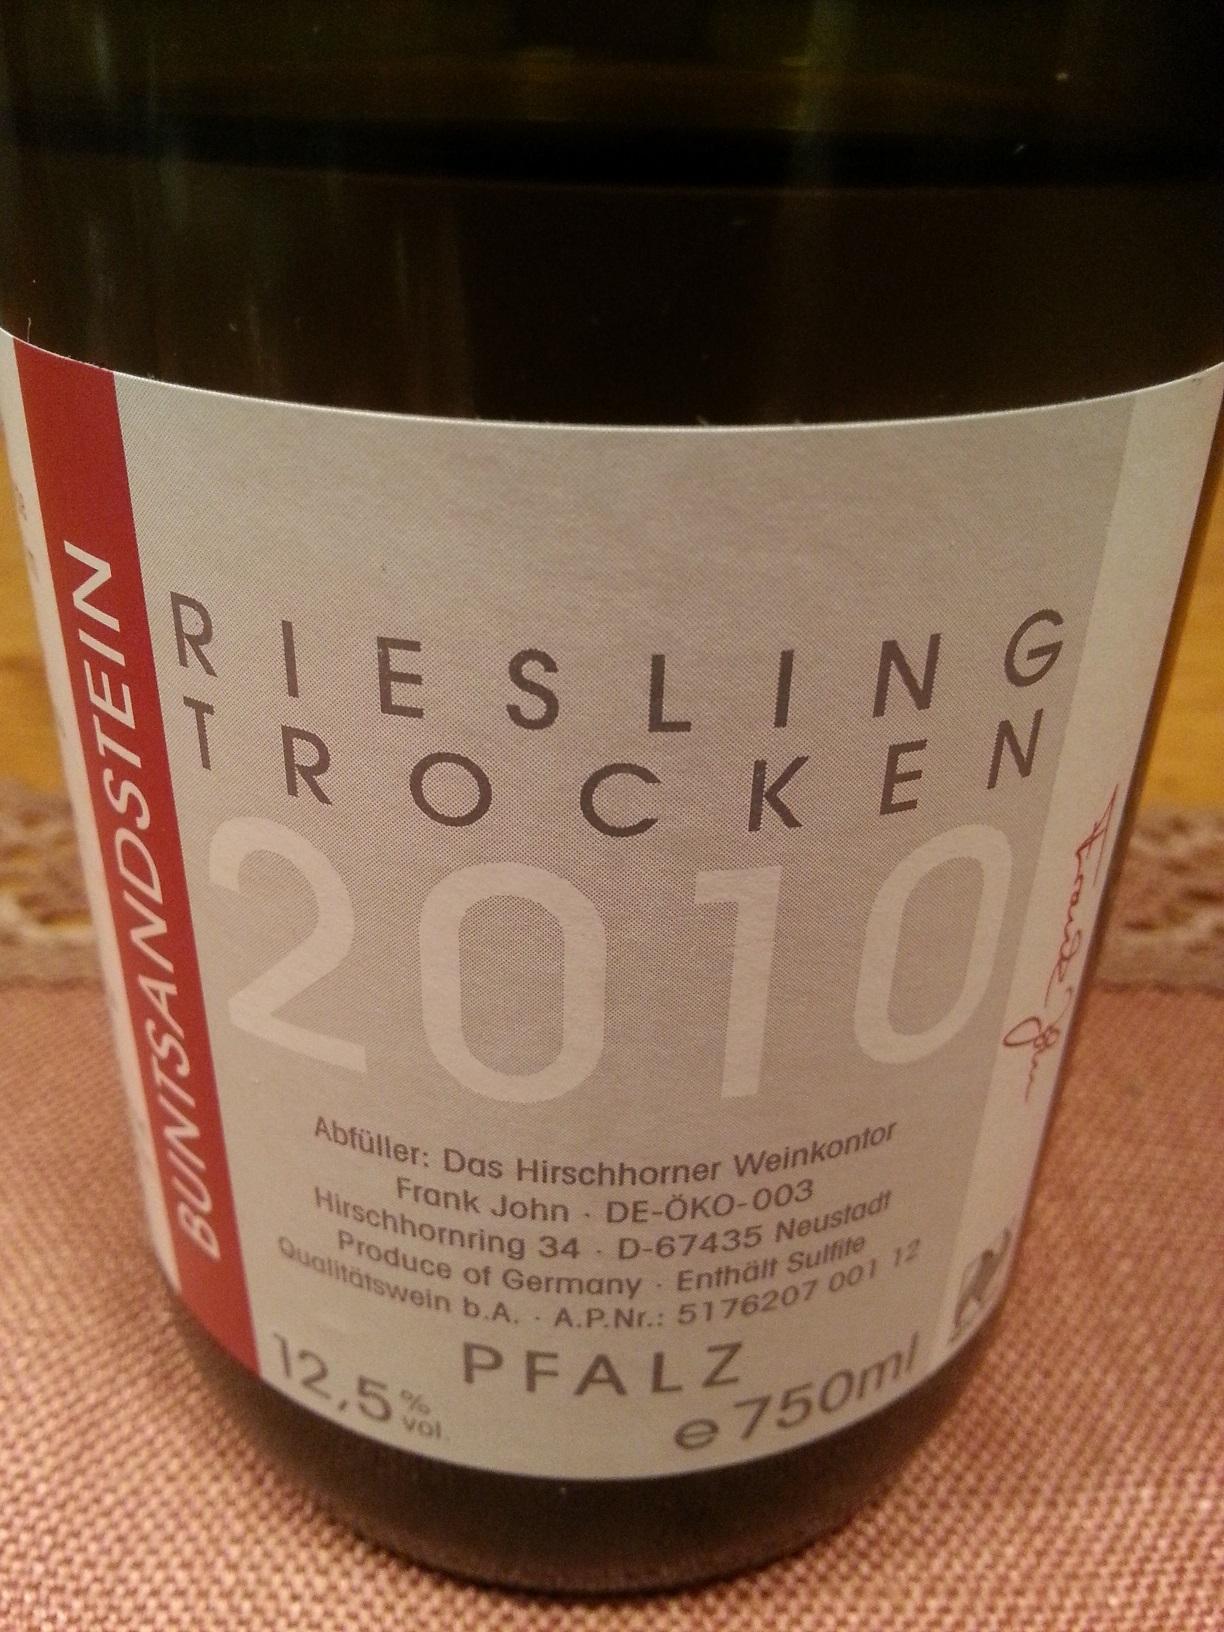 2010 Riesling Buntsandstein | Hirschhorner Hof